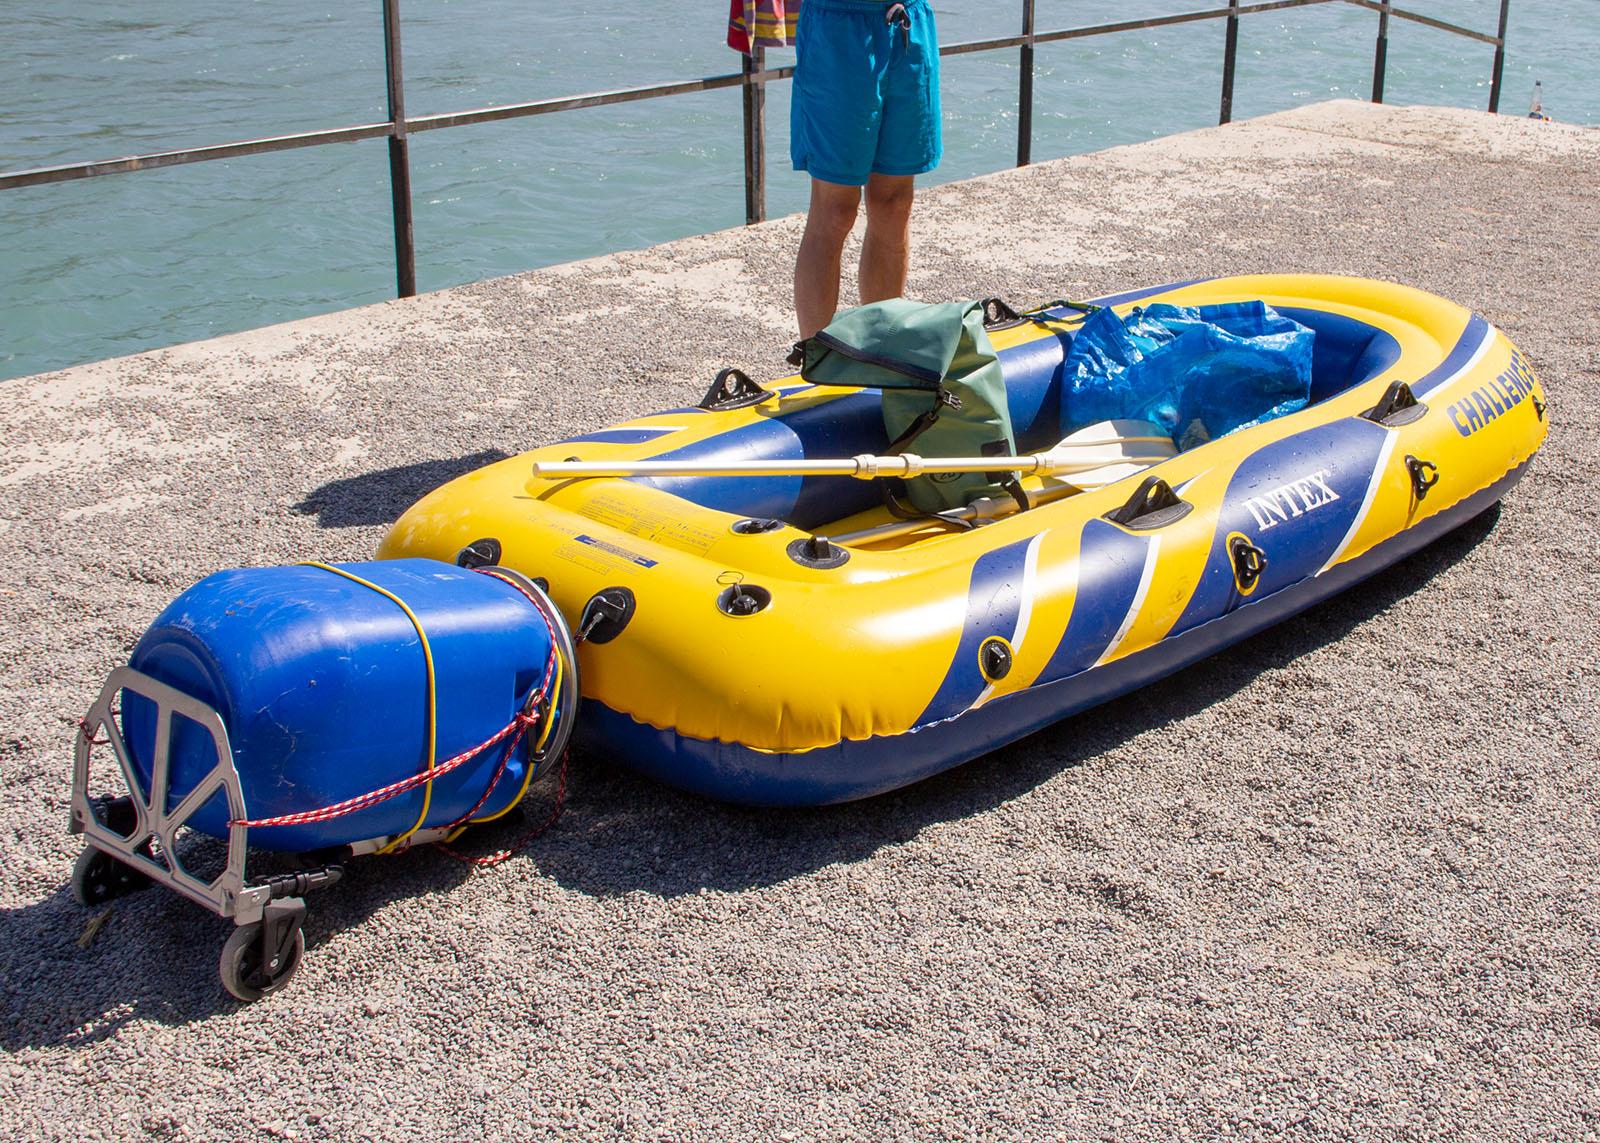 Die Vorrichtung kann problemlos als Ganzes am Boot befestigt werden. Wir verwenden dafür zwei kurze Seile mit Karabinern